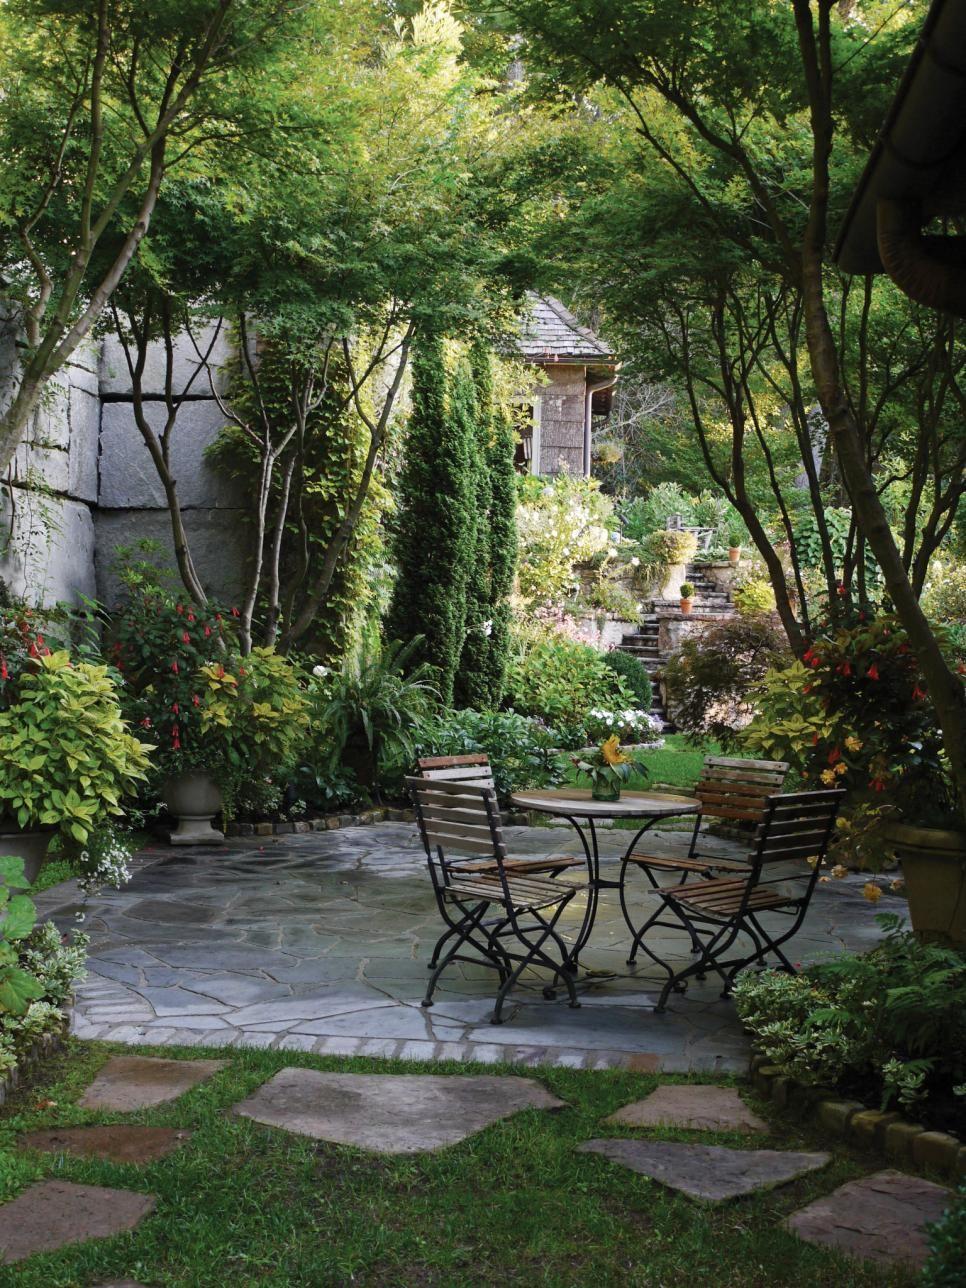 20 Ways to Make a Small Garden Seem Bigger | Jardines, Jardín y ...